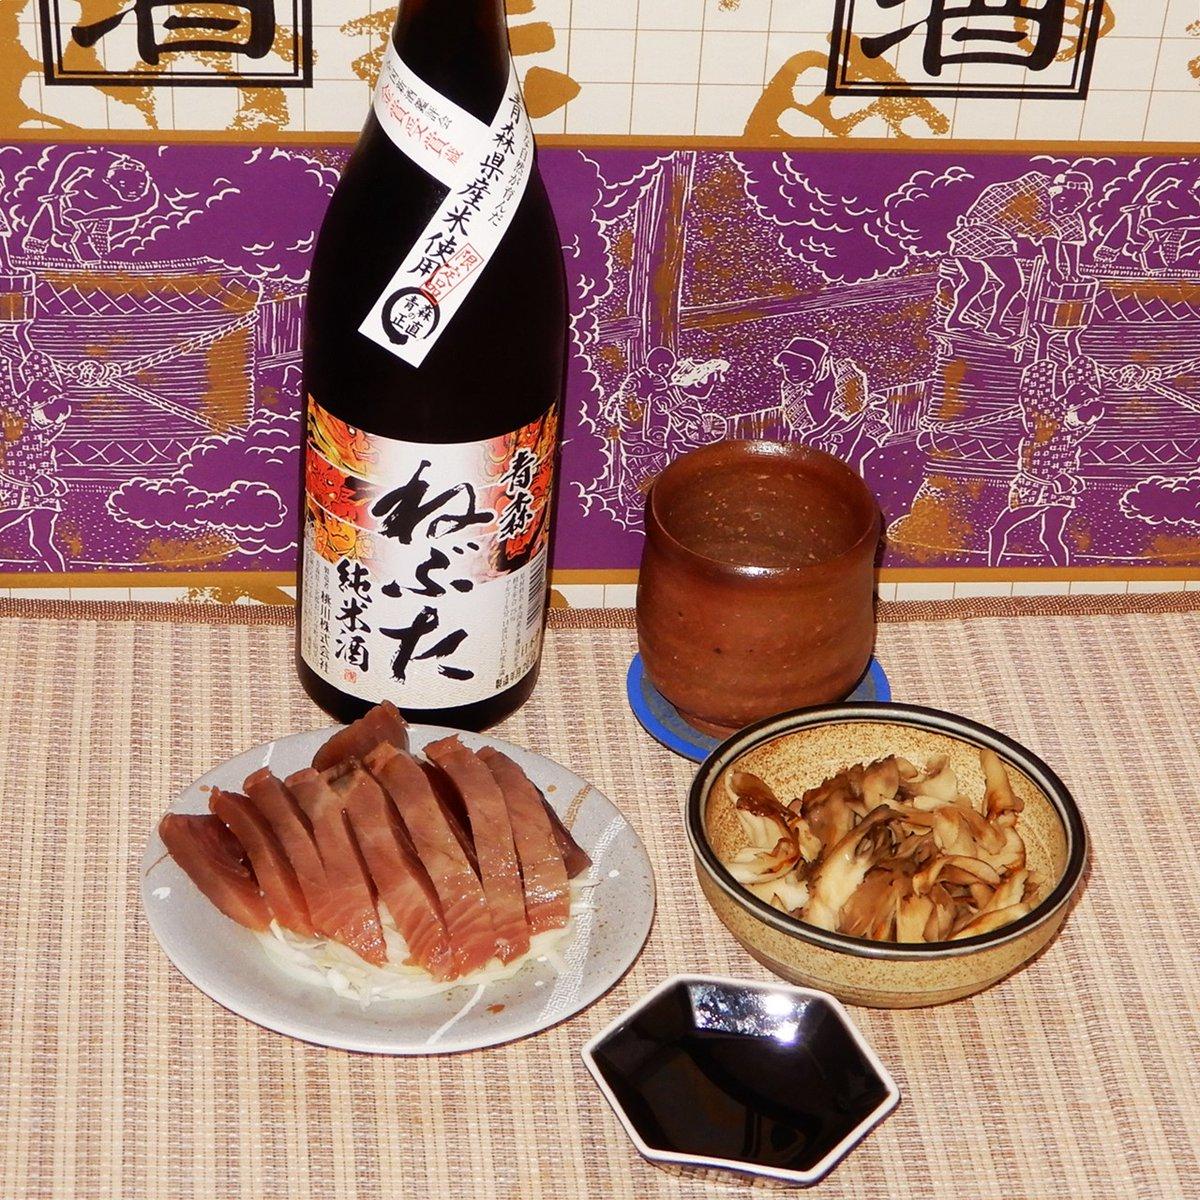 test ツイッターメディア - 青森の桃川 ねぶた純米酒を、 もどりカツオと、 マイタケの焼いたんをアテにしっぽり♪ https://t.co/PCvSU1REOO